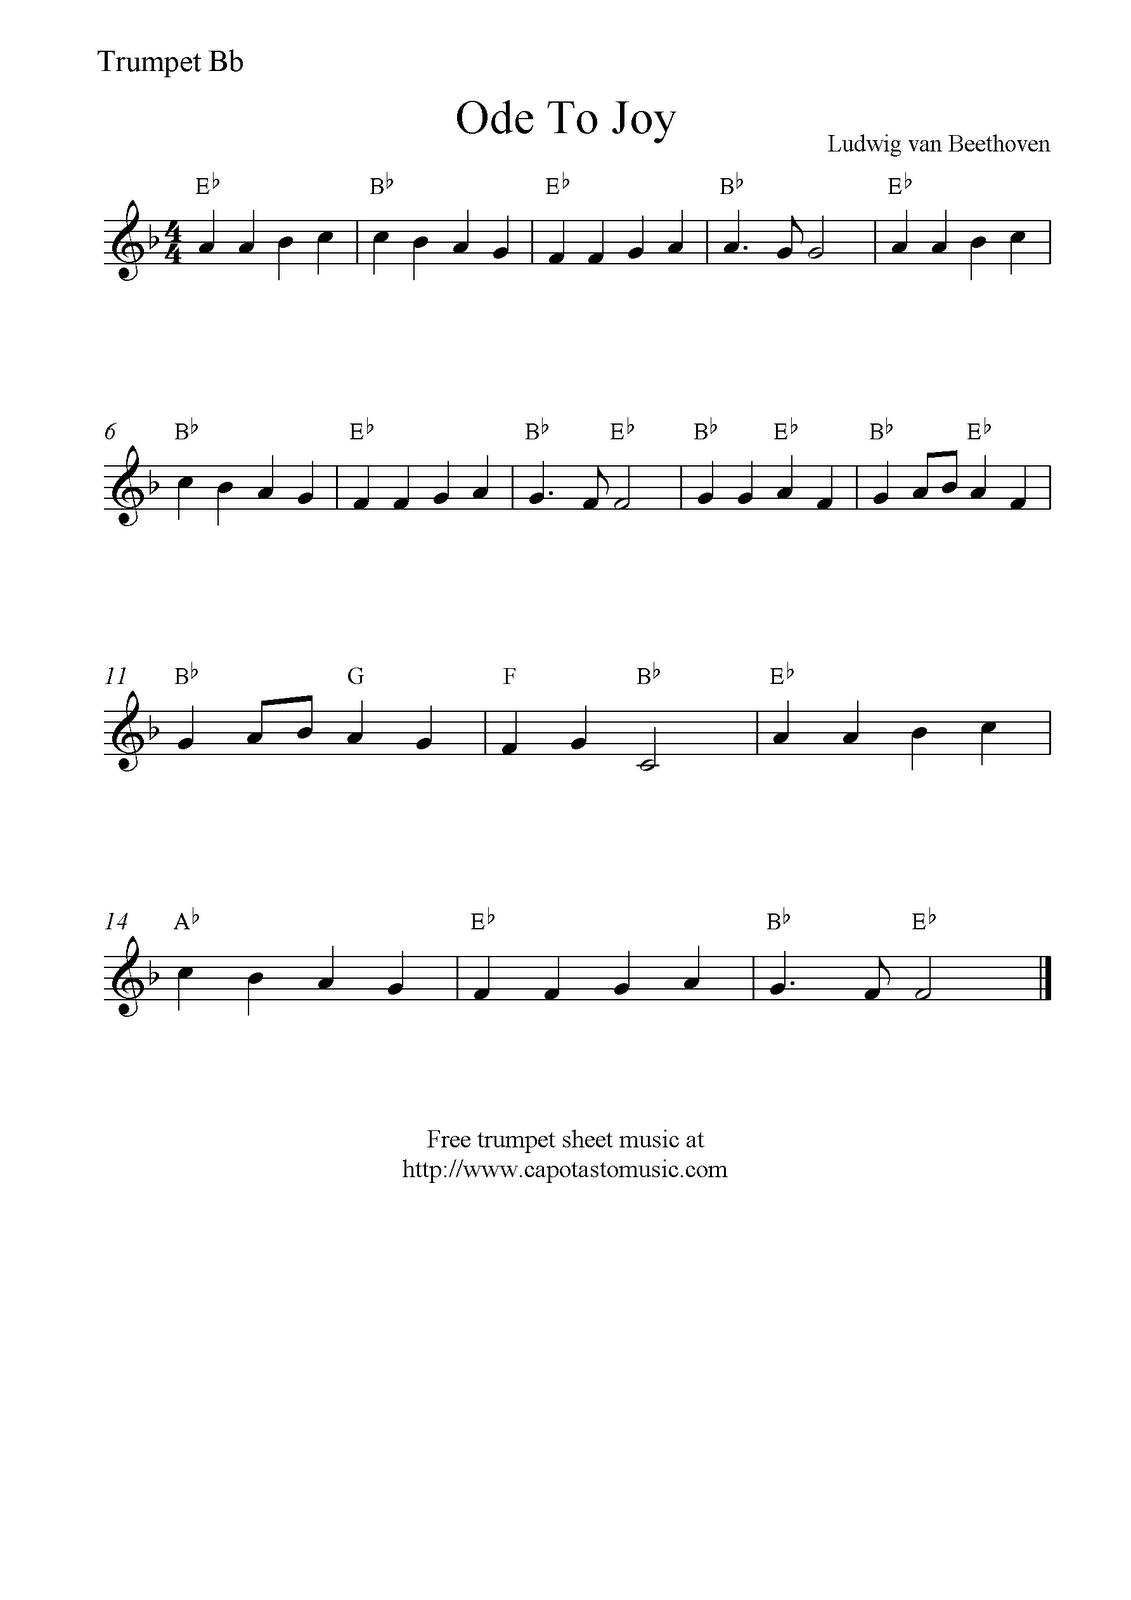 Ode to joy free trumpet sheet music notes